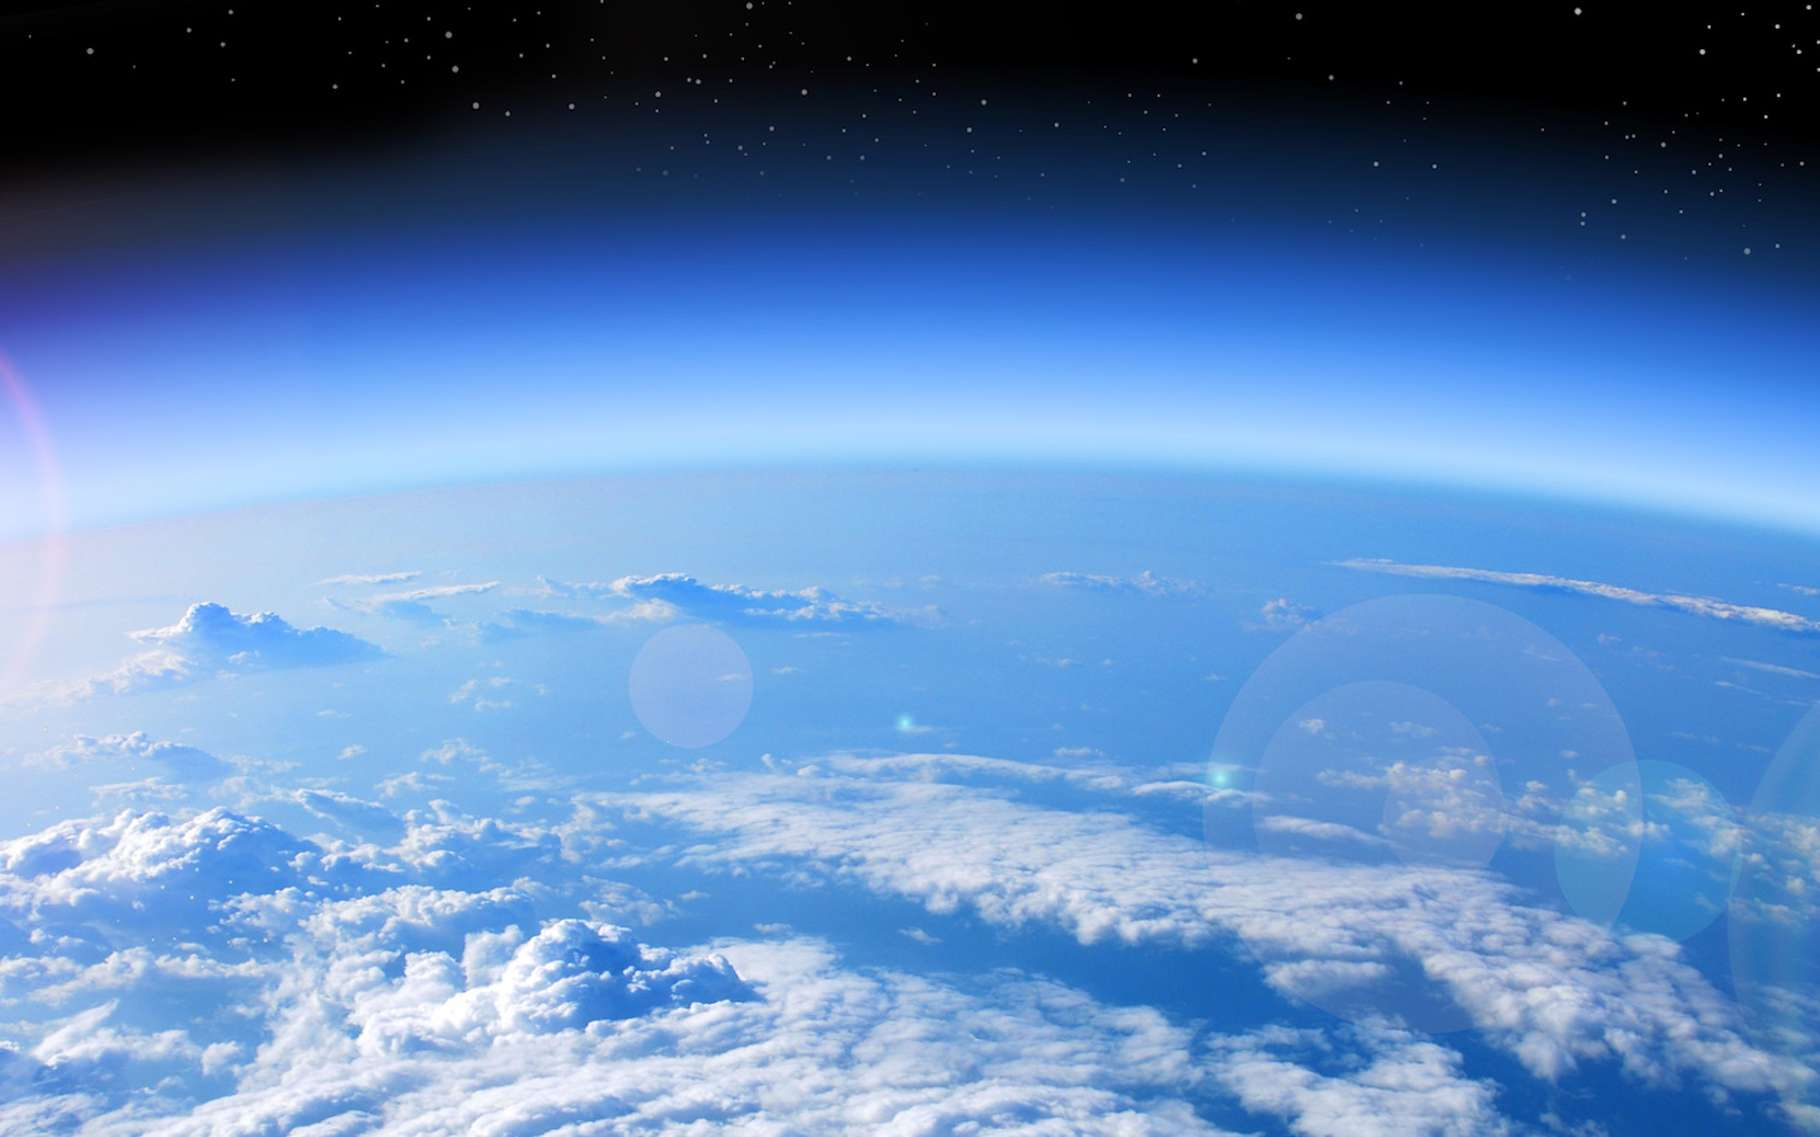 Depuis le début des années 2000, les scientifiques notent une amélioration concernant le trou dans la couche d'ozone. Ils prévoient qu'il soit complètement refermé d'ici 2060 si les efforts se poursuivent en ce sens. © studio023, Fotolia